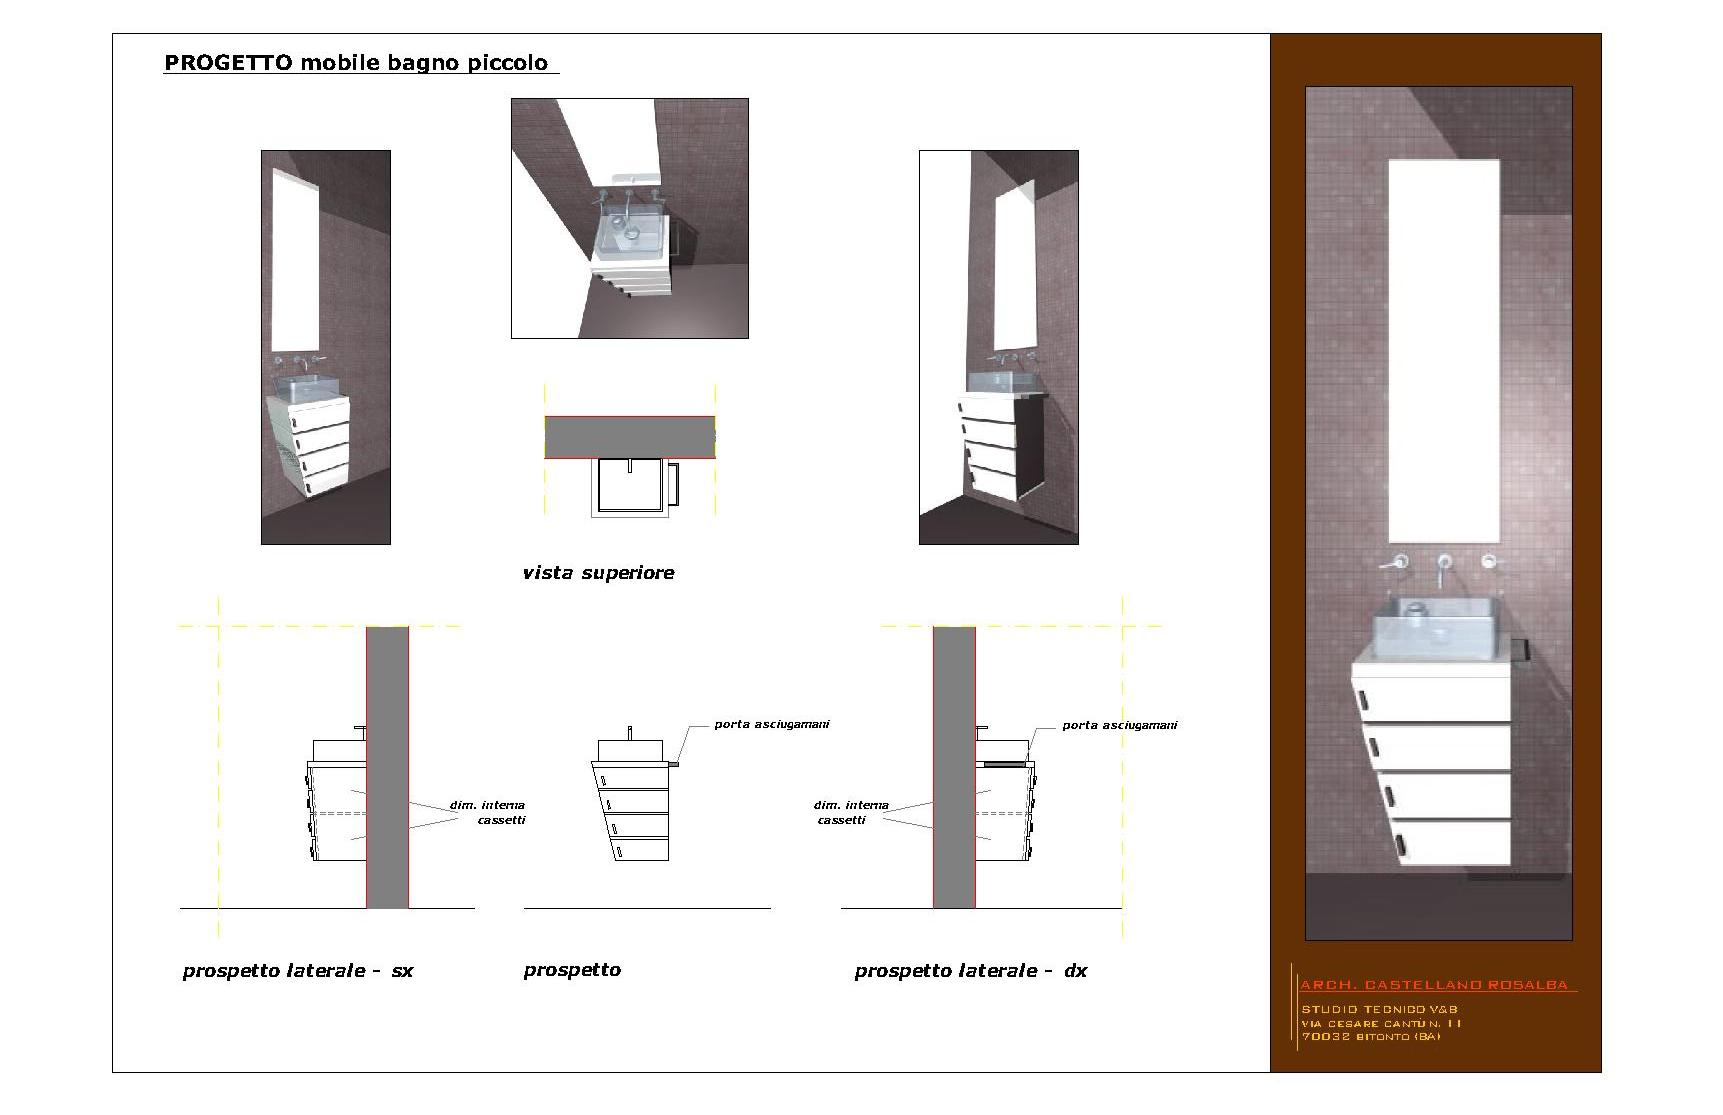 Studio tecnico vacca bonasia - Mobile bagno piccolo ...